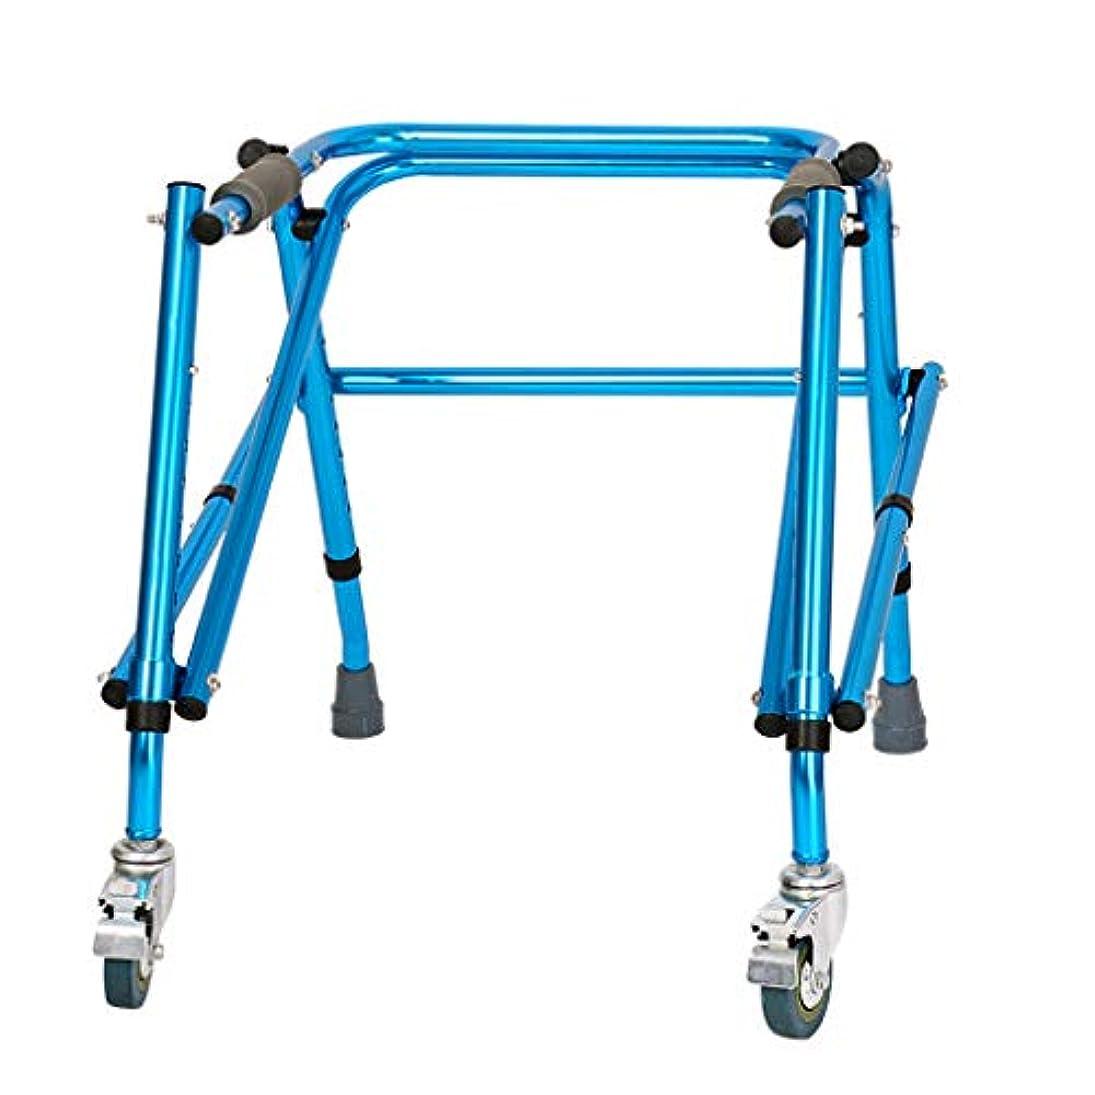 購入見分けるスクラップブックCZWYF 子供下肢トレーニングとリハビリテーション機器/立ち歩行スタンド/ウォークエイド/ウォーカー/スタンドフレーム付きホイールリハビリ機器